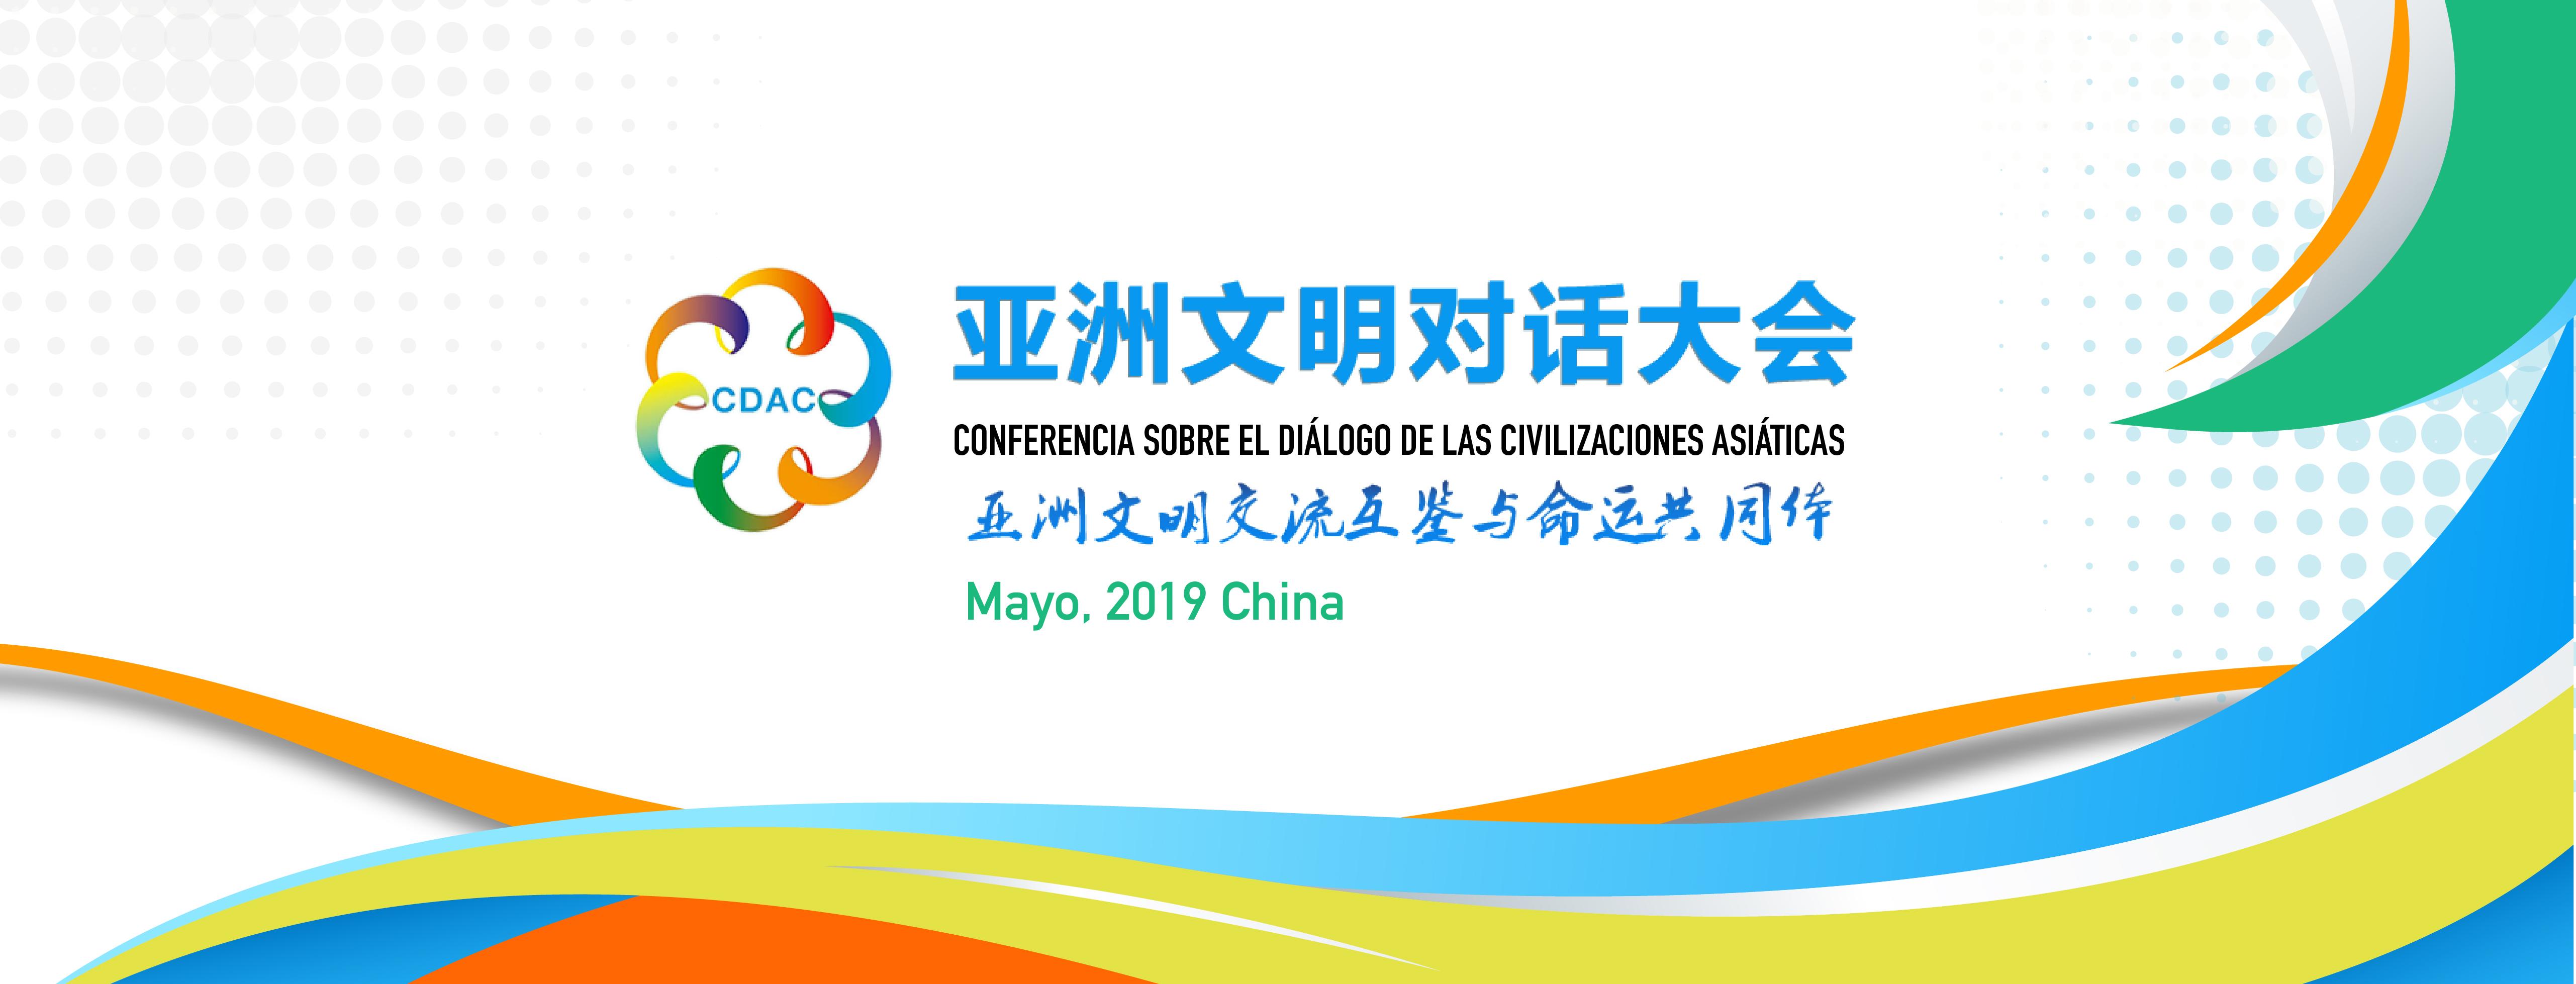 Beijing tiene todo listo para la apertura de la Conferencia sobre el Diálogo de las Civilizaciones Asiáticas